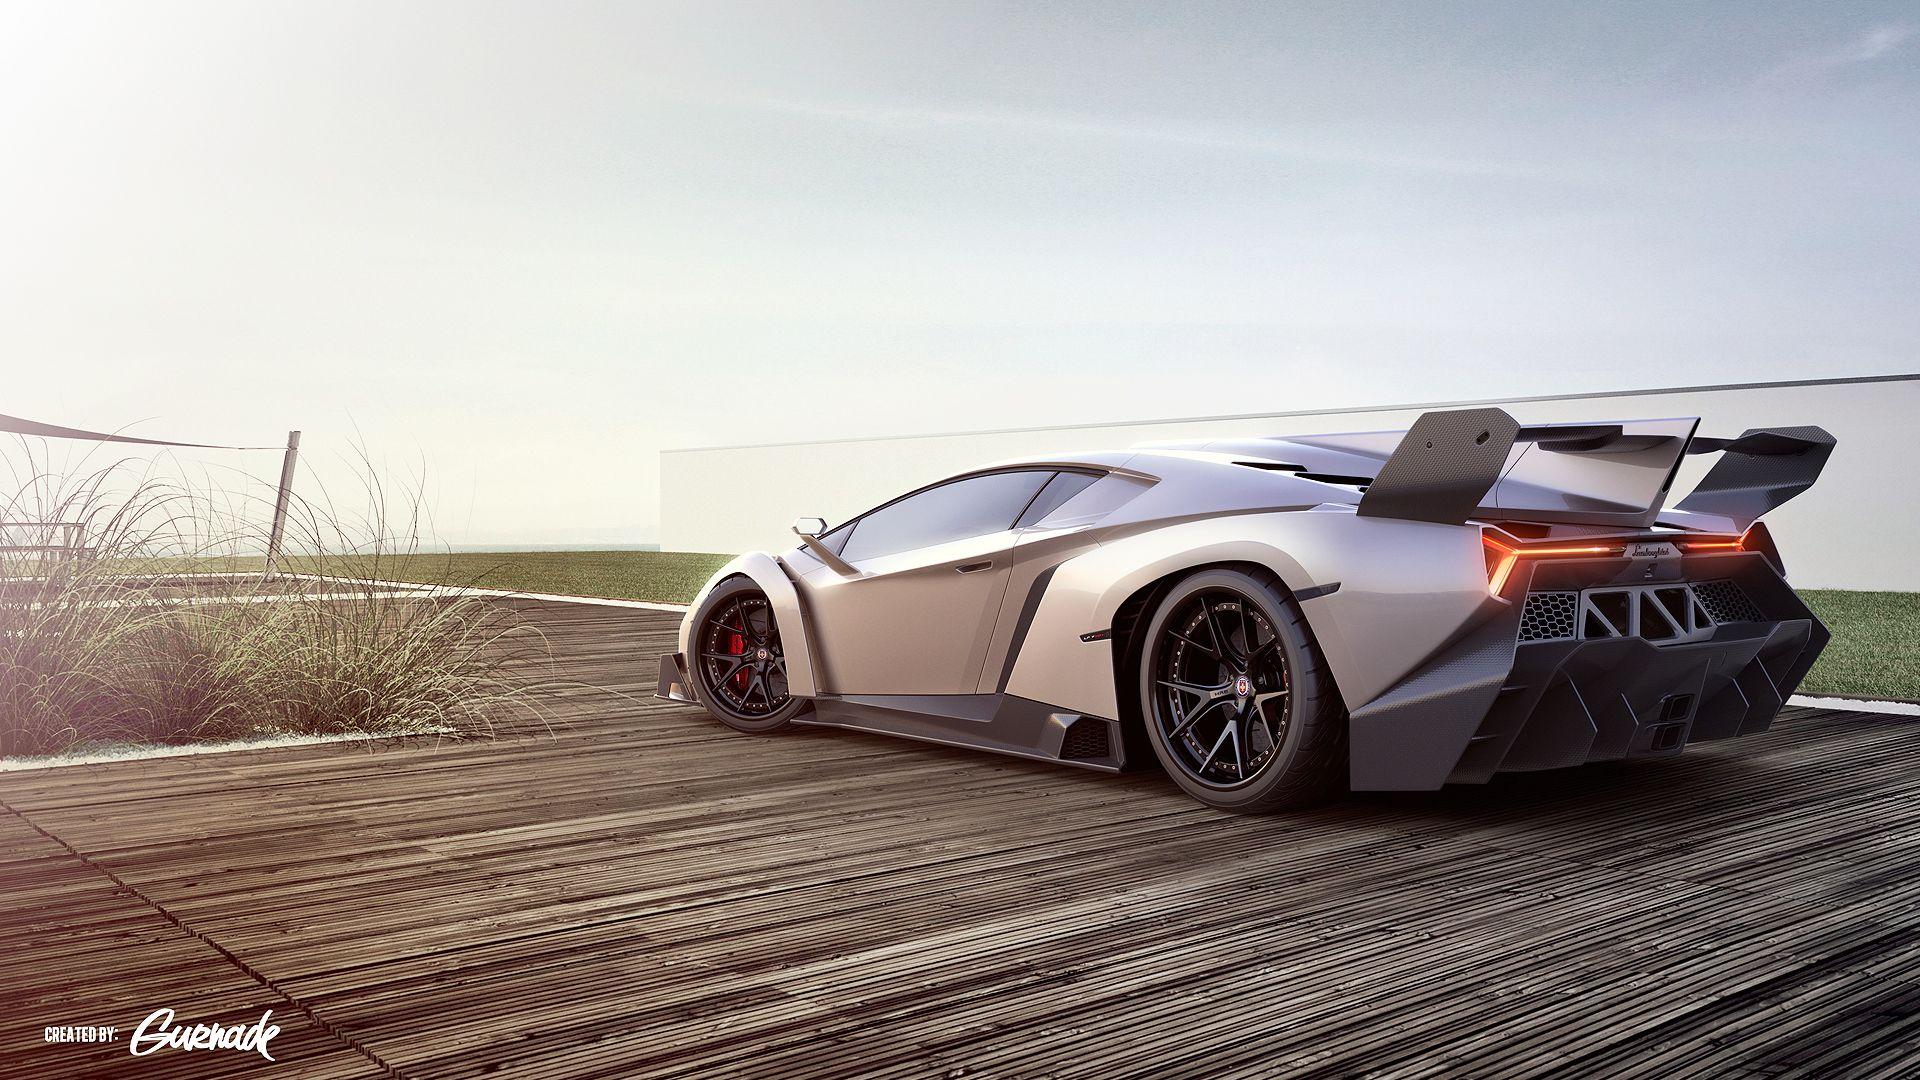 Lamborghini Veneno Wallpaper Android Hd